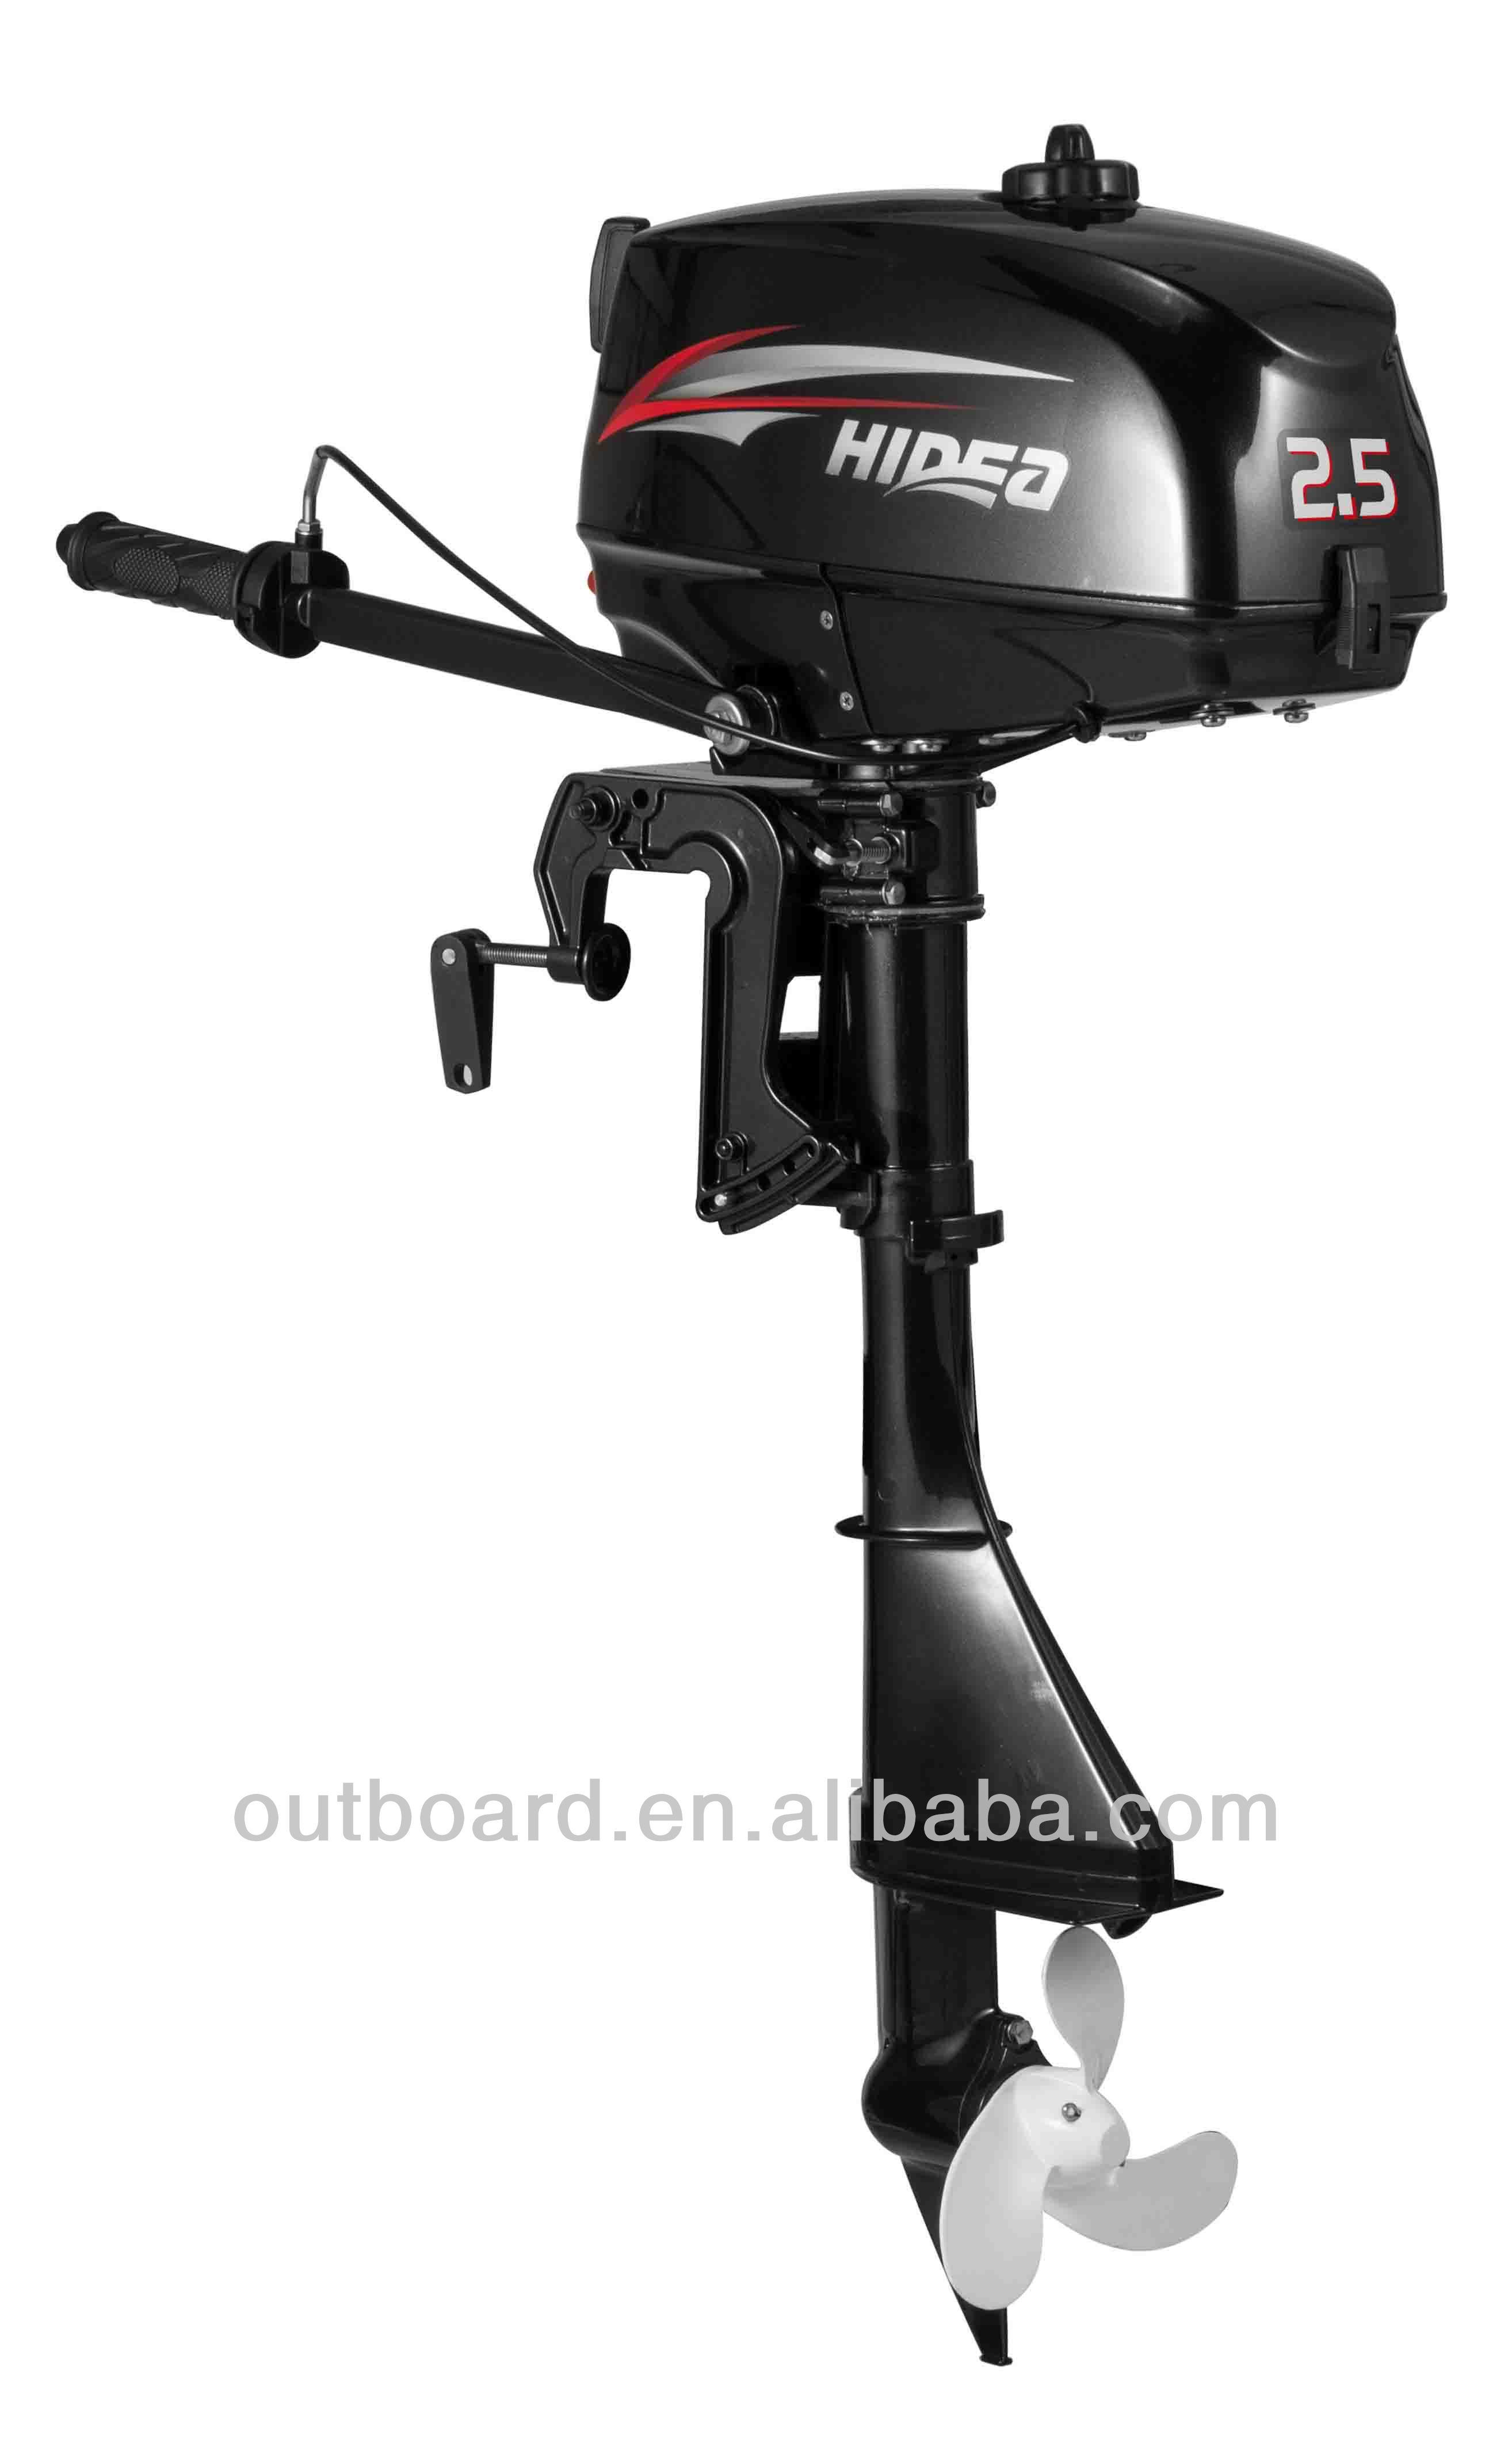 Hidea Brand 2 Stroke Boat Motor Outboard Motor Buy